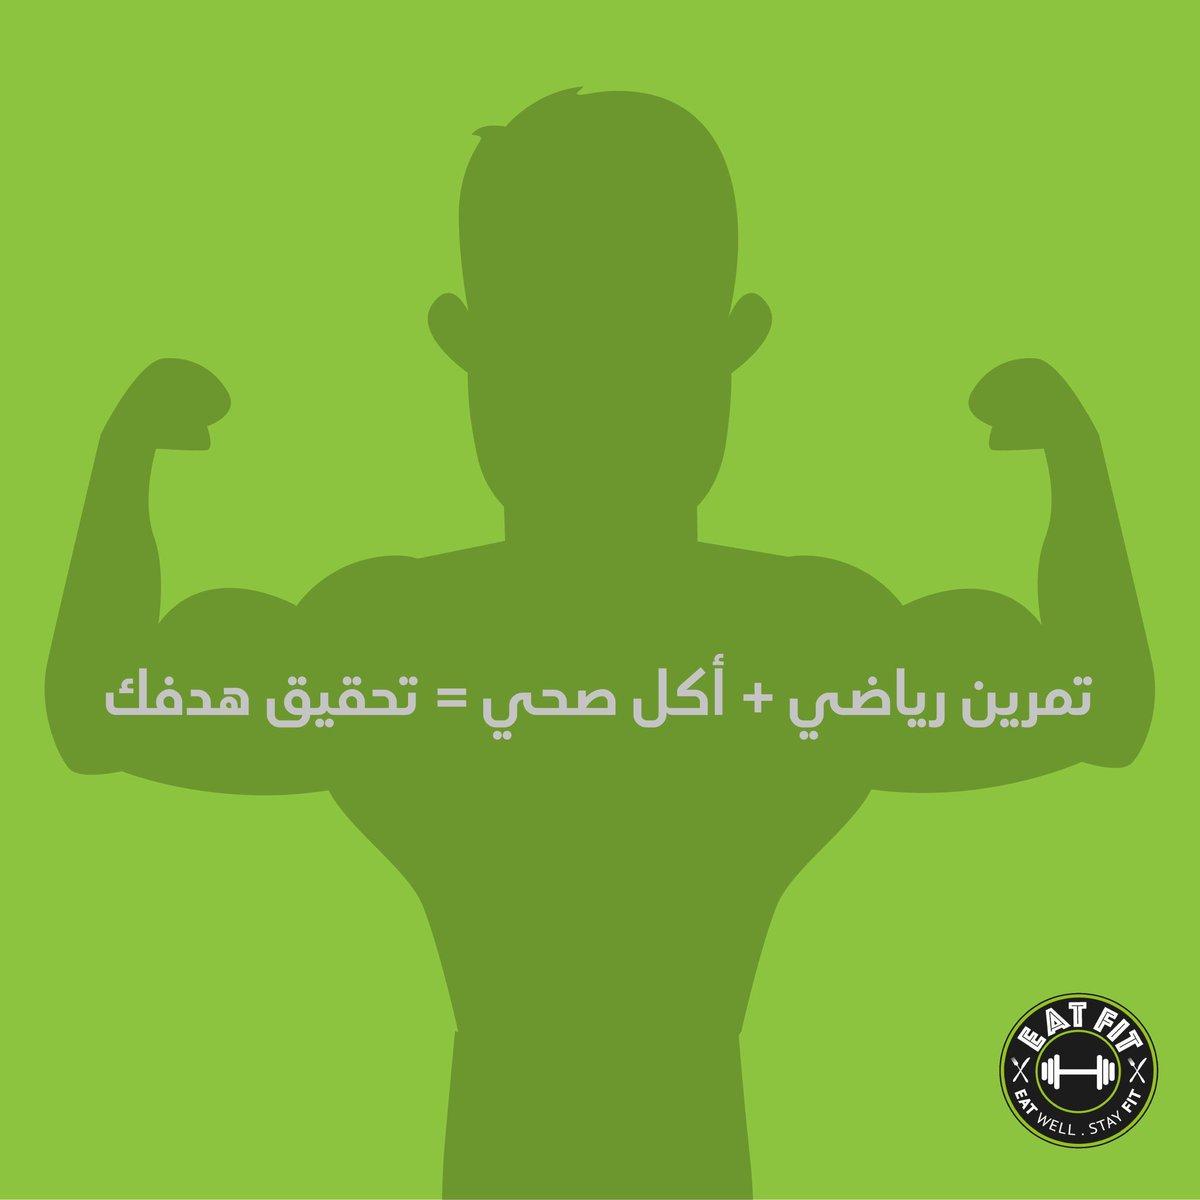 """معادلة """" ايت فيتيه """" بسيطة 😉💚  #Eatfit #saudiarabia #healthyfood #healthy #gym #fitness #calories #food #مطاعم_الرياض #الرياض #اكل_صحي #السعودية"""